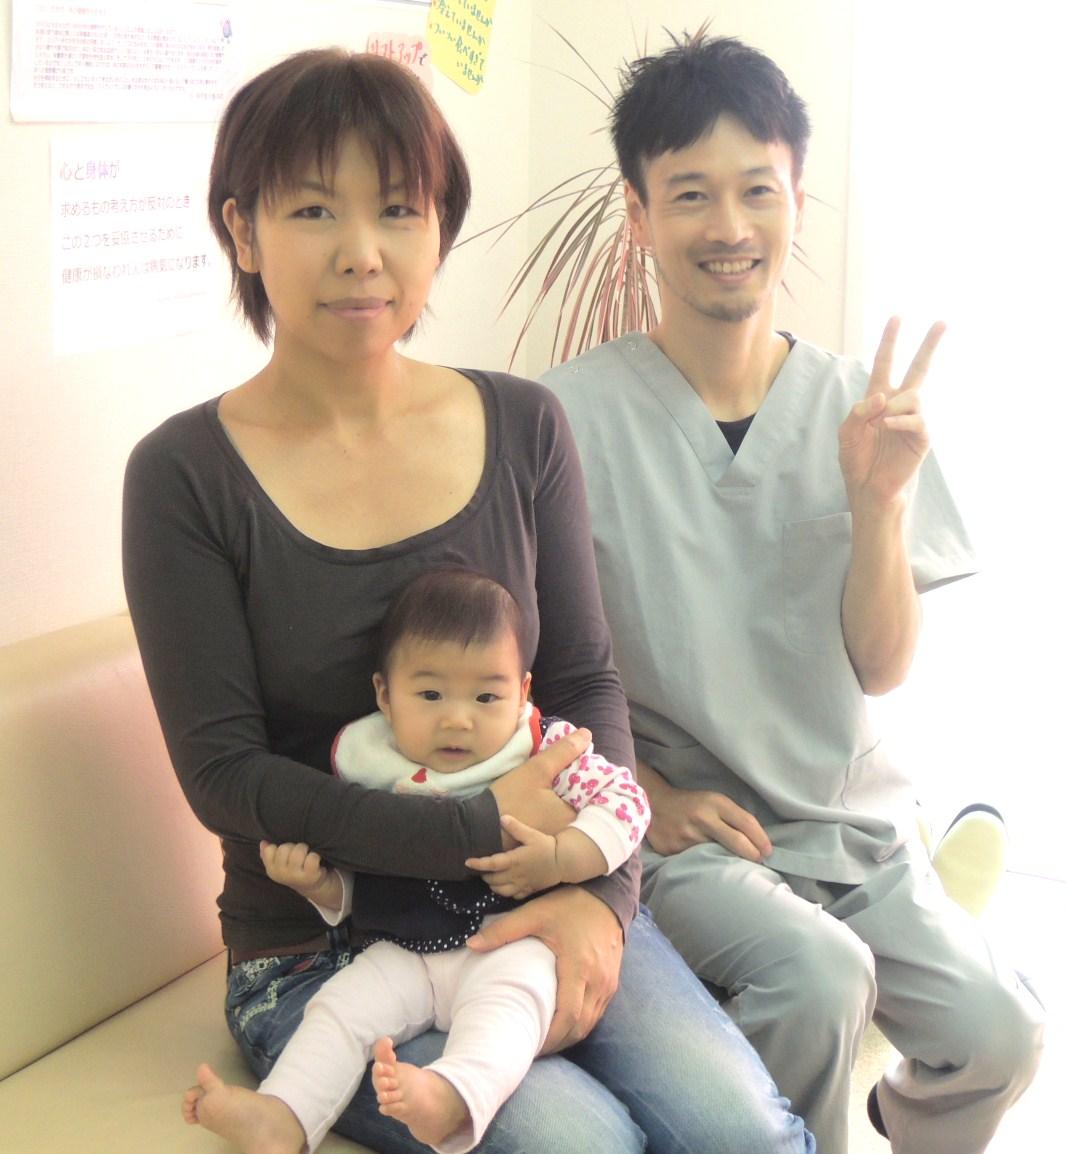 産後の骨盤矯正 神戸市須磨区 Nさま 神戸垂水整体院